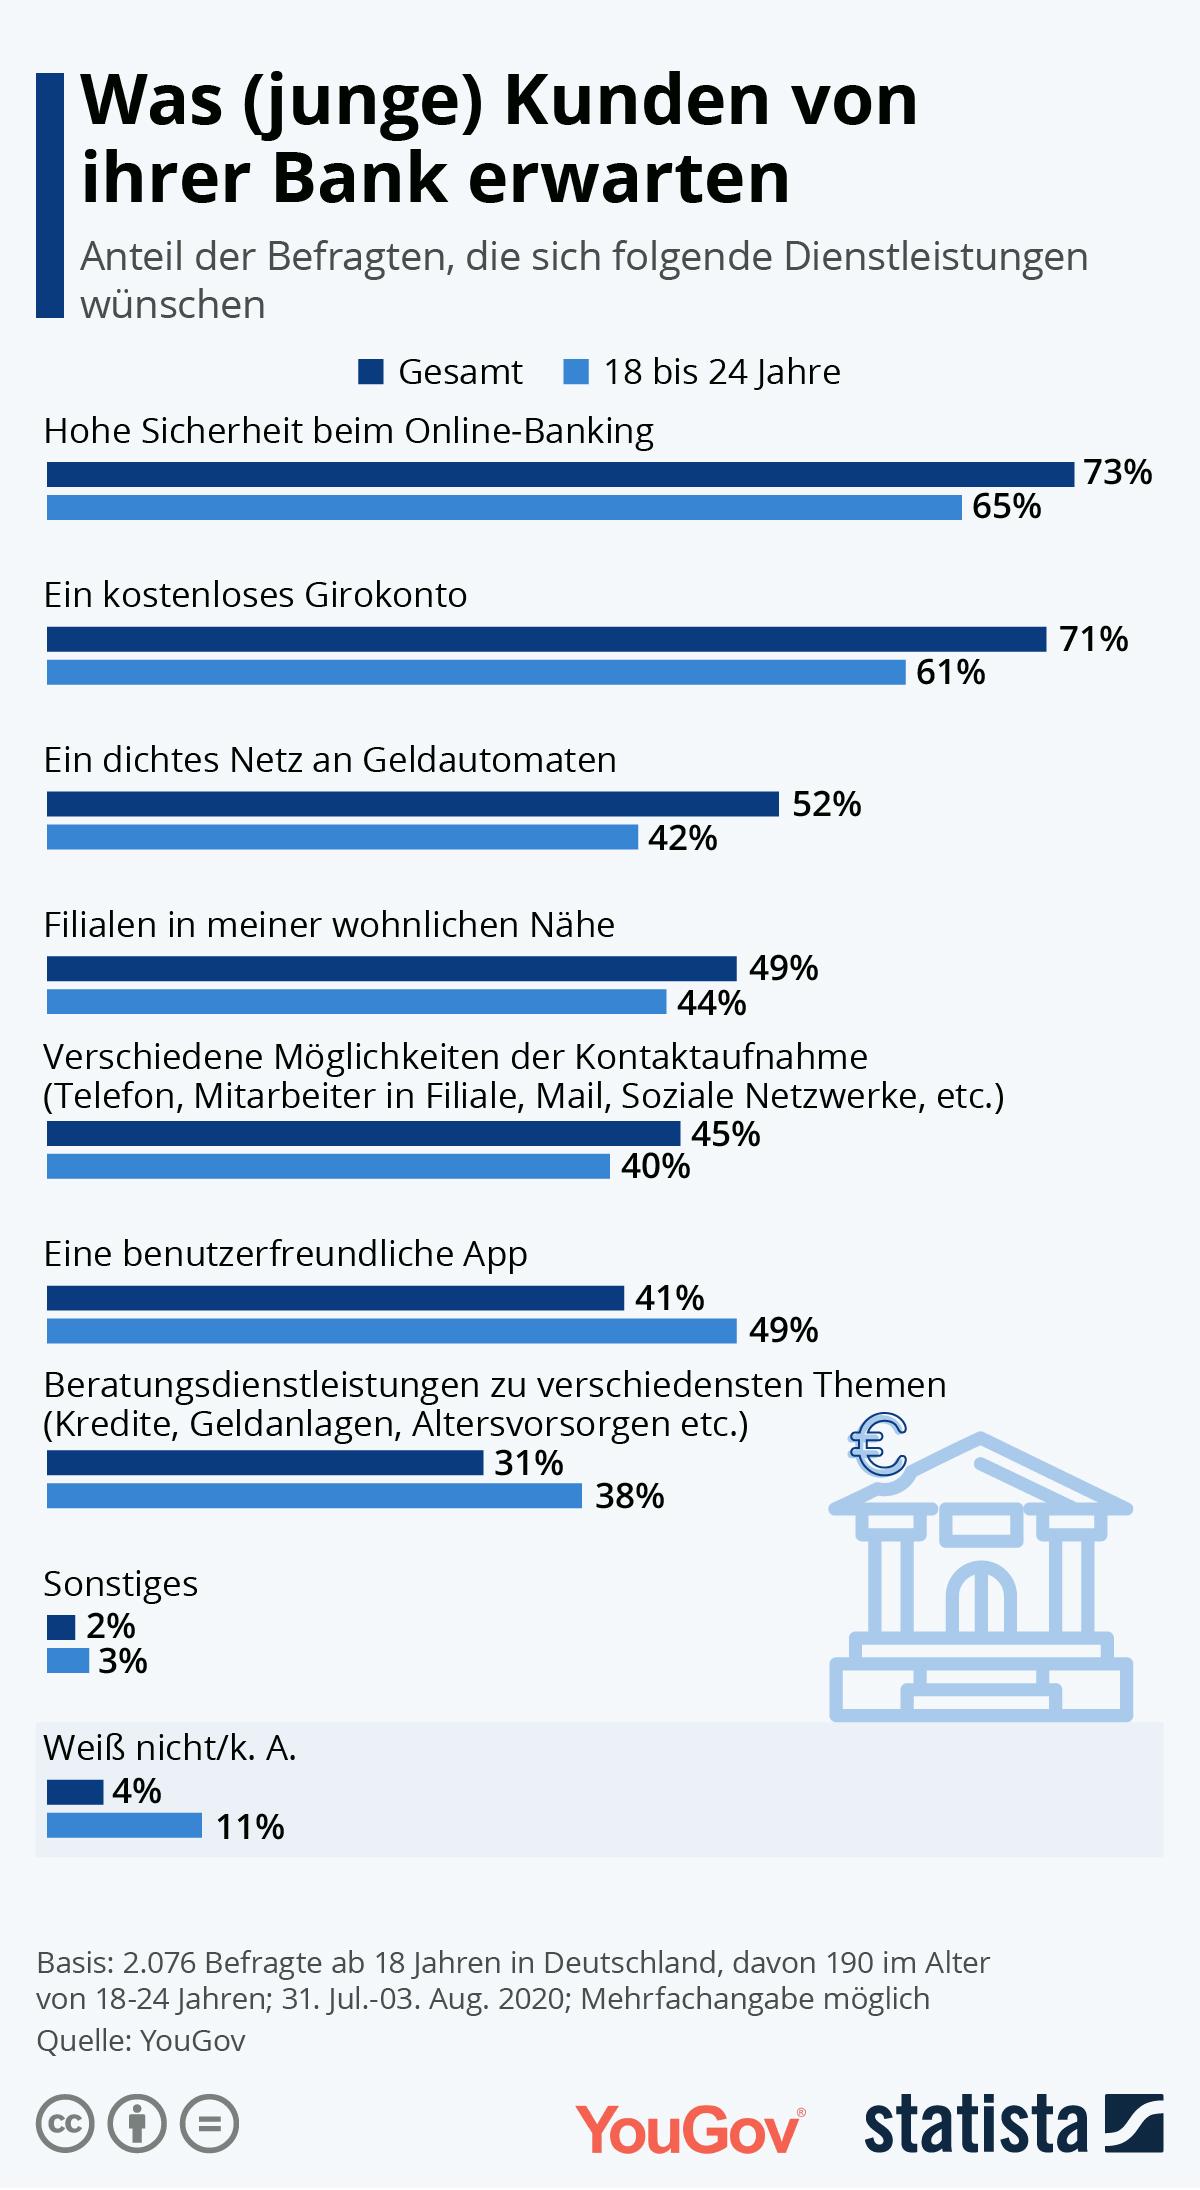 Infografik: Was (junge) Kunden von ihrer Bank erwarten | Statista